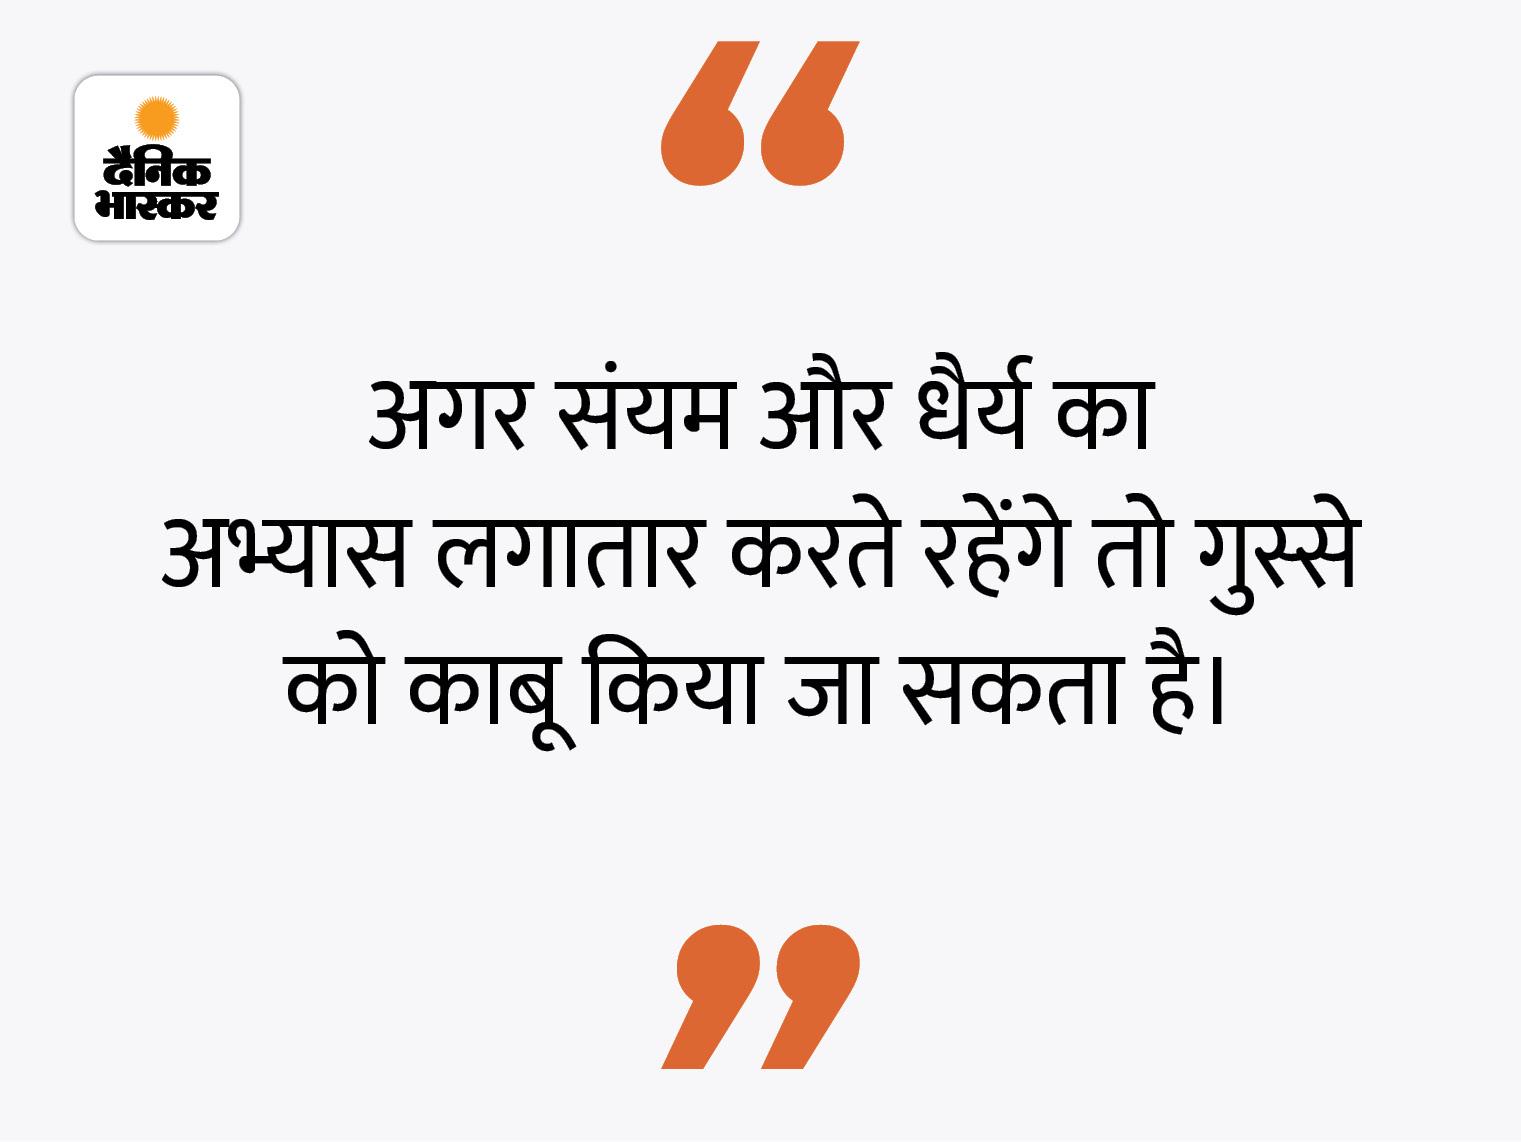 जिसके स्वभाव में संयम और धैर्य होता है, उसे गुस्सा नहीं आता है|धर्म,Dharm - Dainik Bhaskar